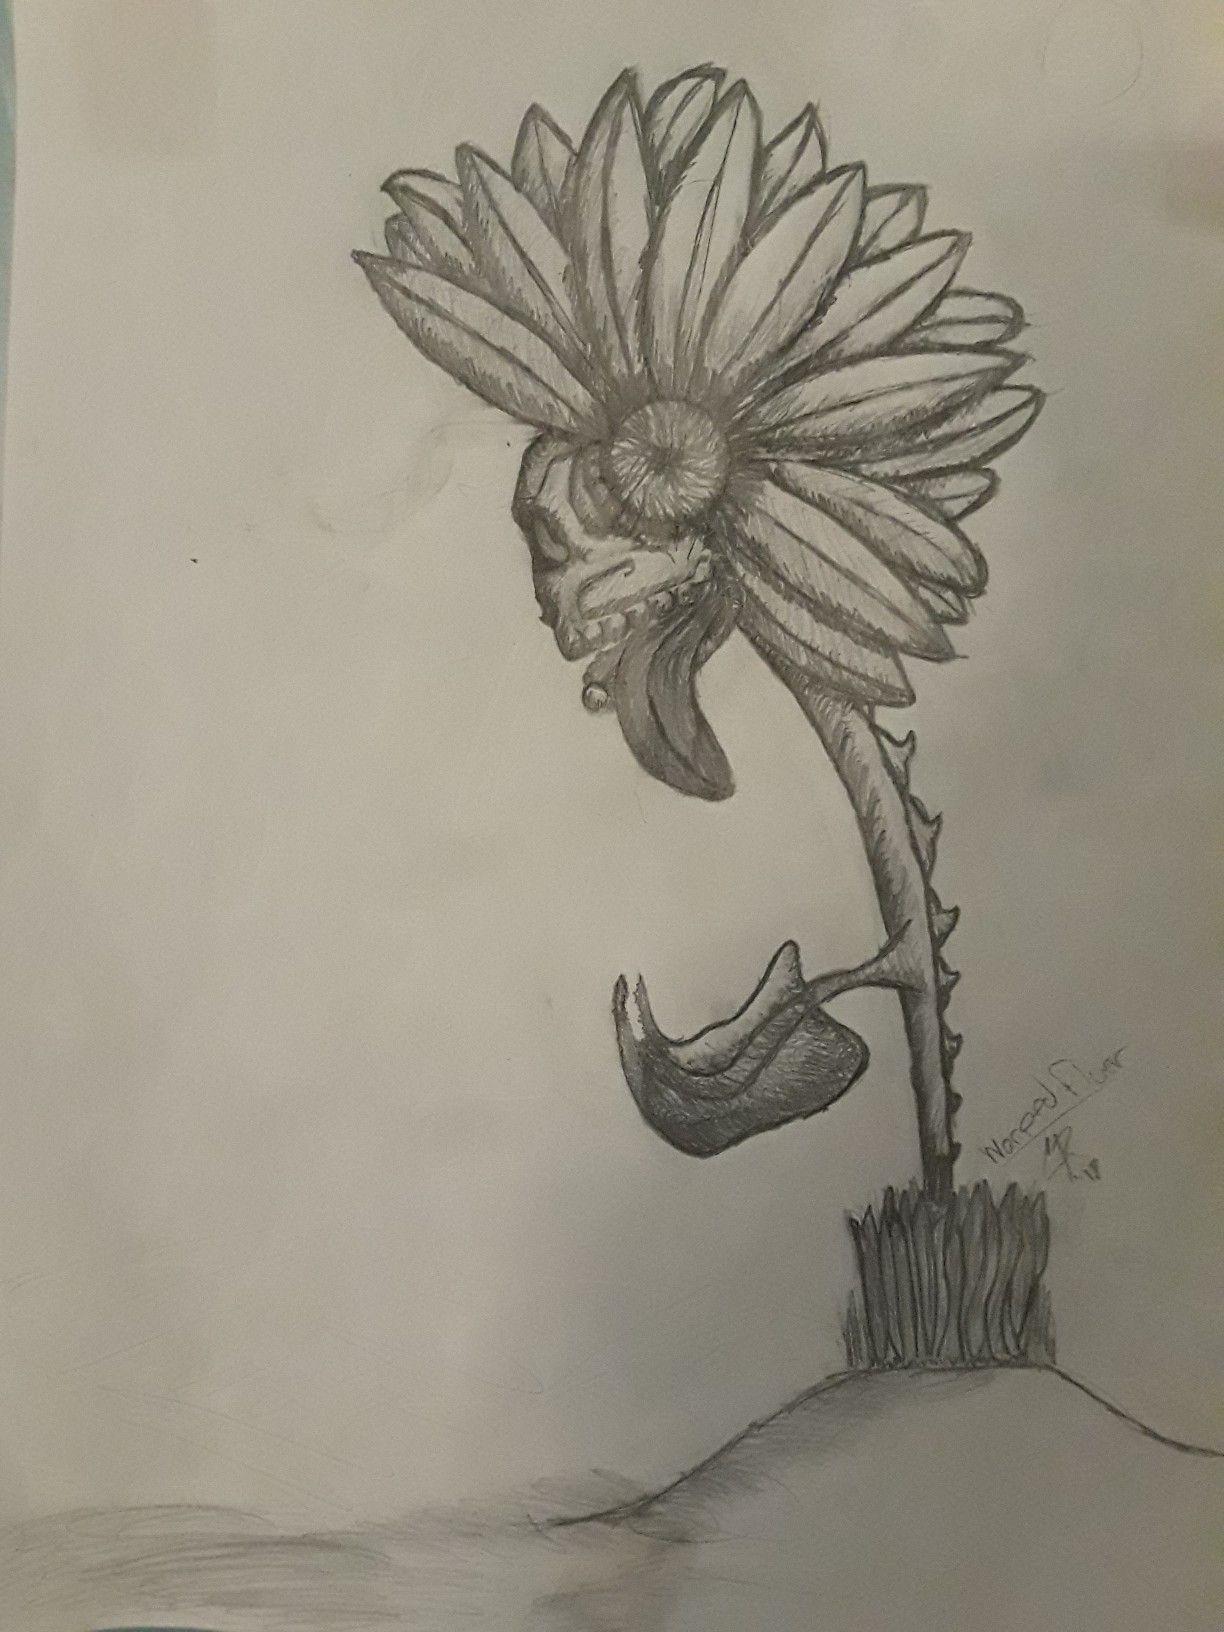 Warped fluer punk flower drawing sunflower sketch idrewthis